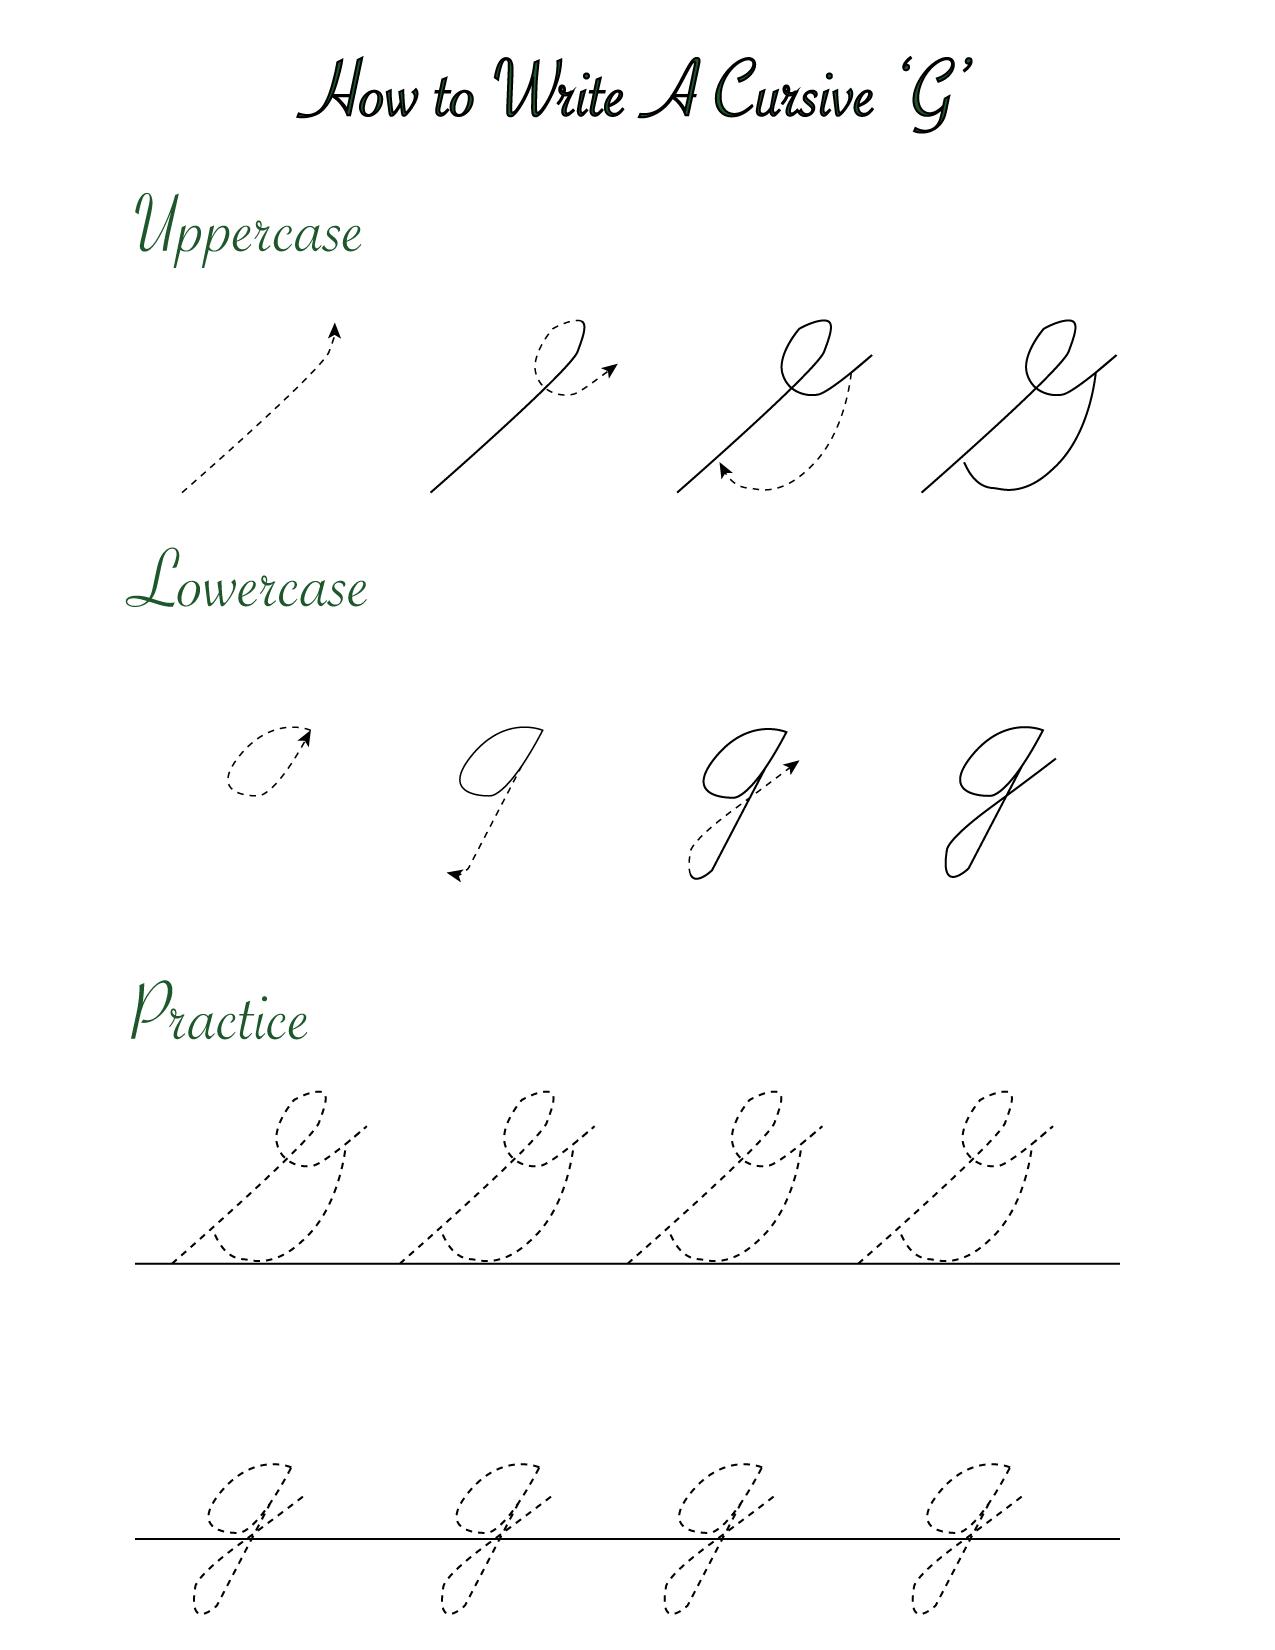 writing a cursive 'G'